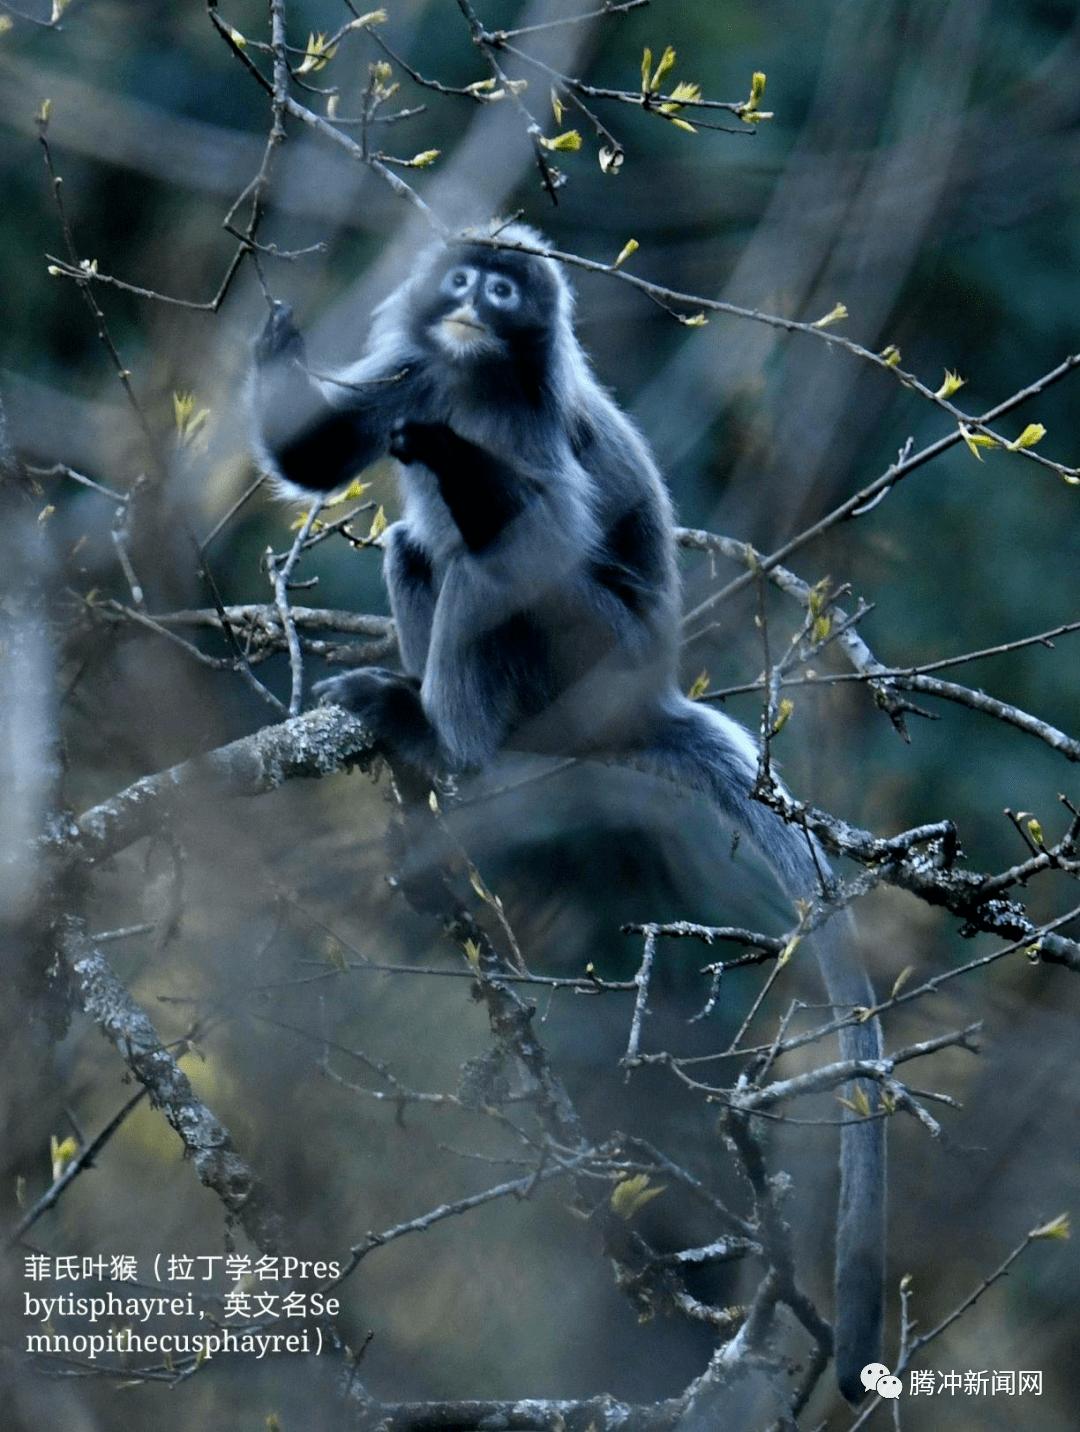 巍巍高黎贡:传奇的世界物种基因库,谱写生命的长歌